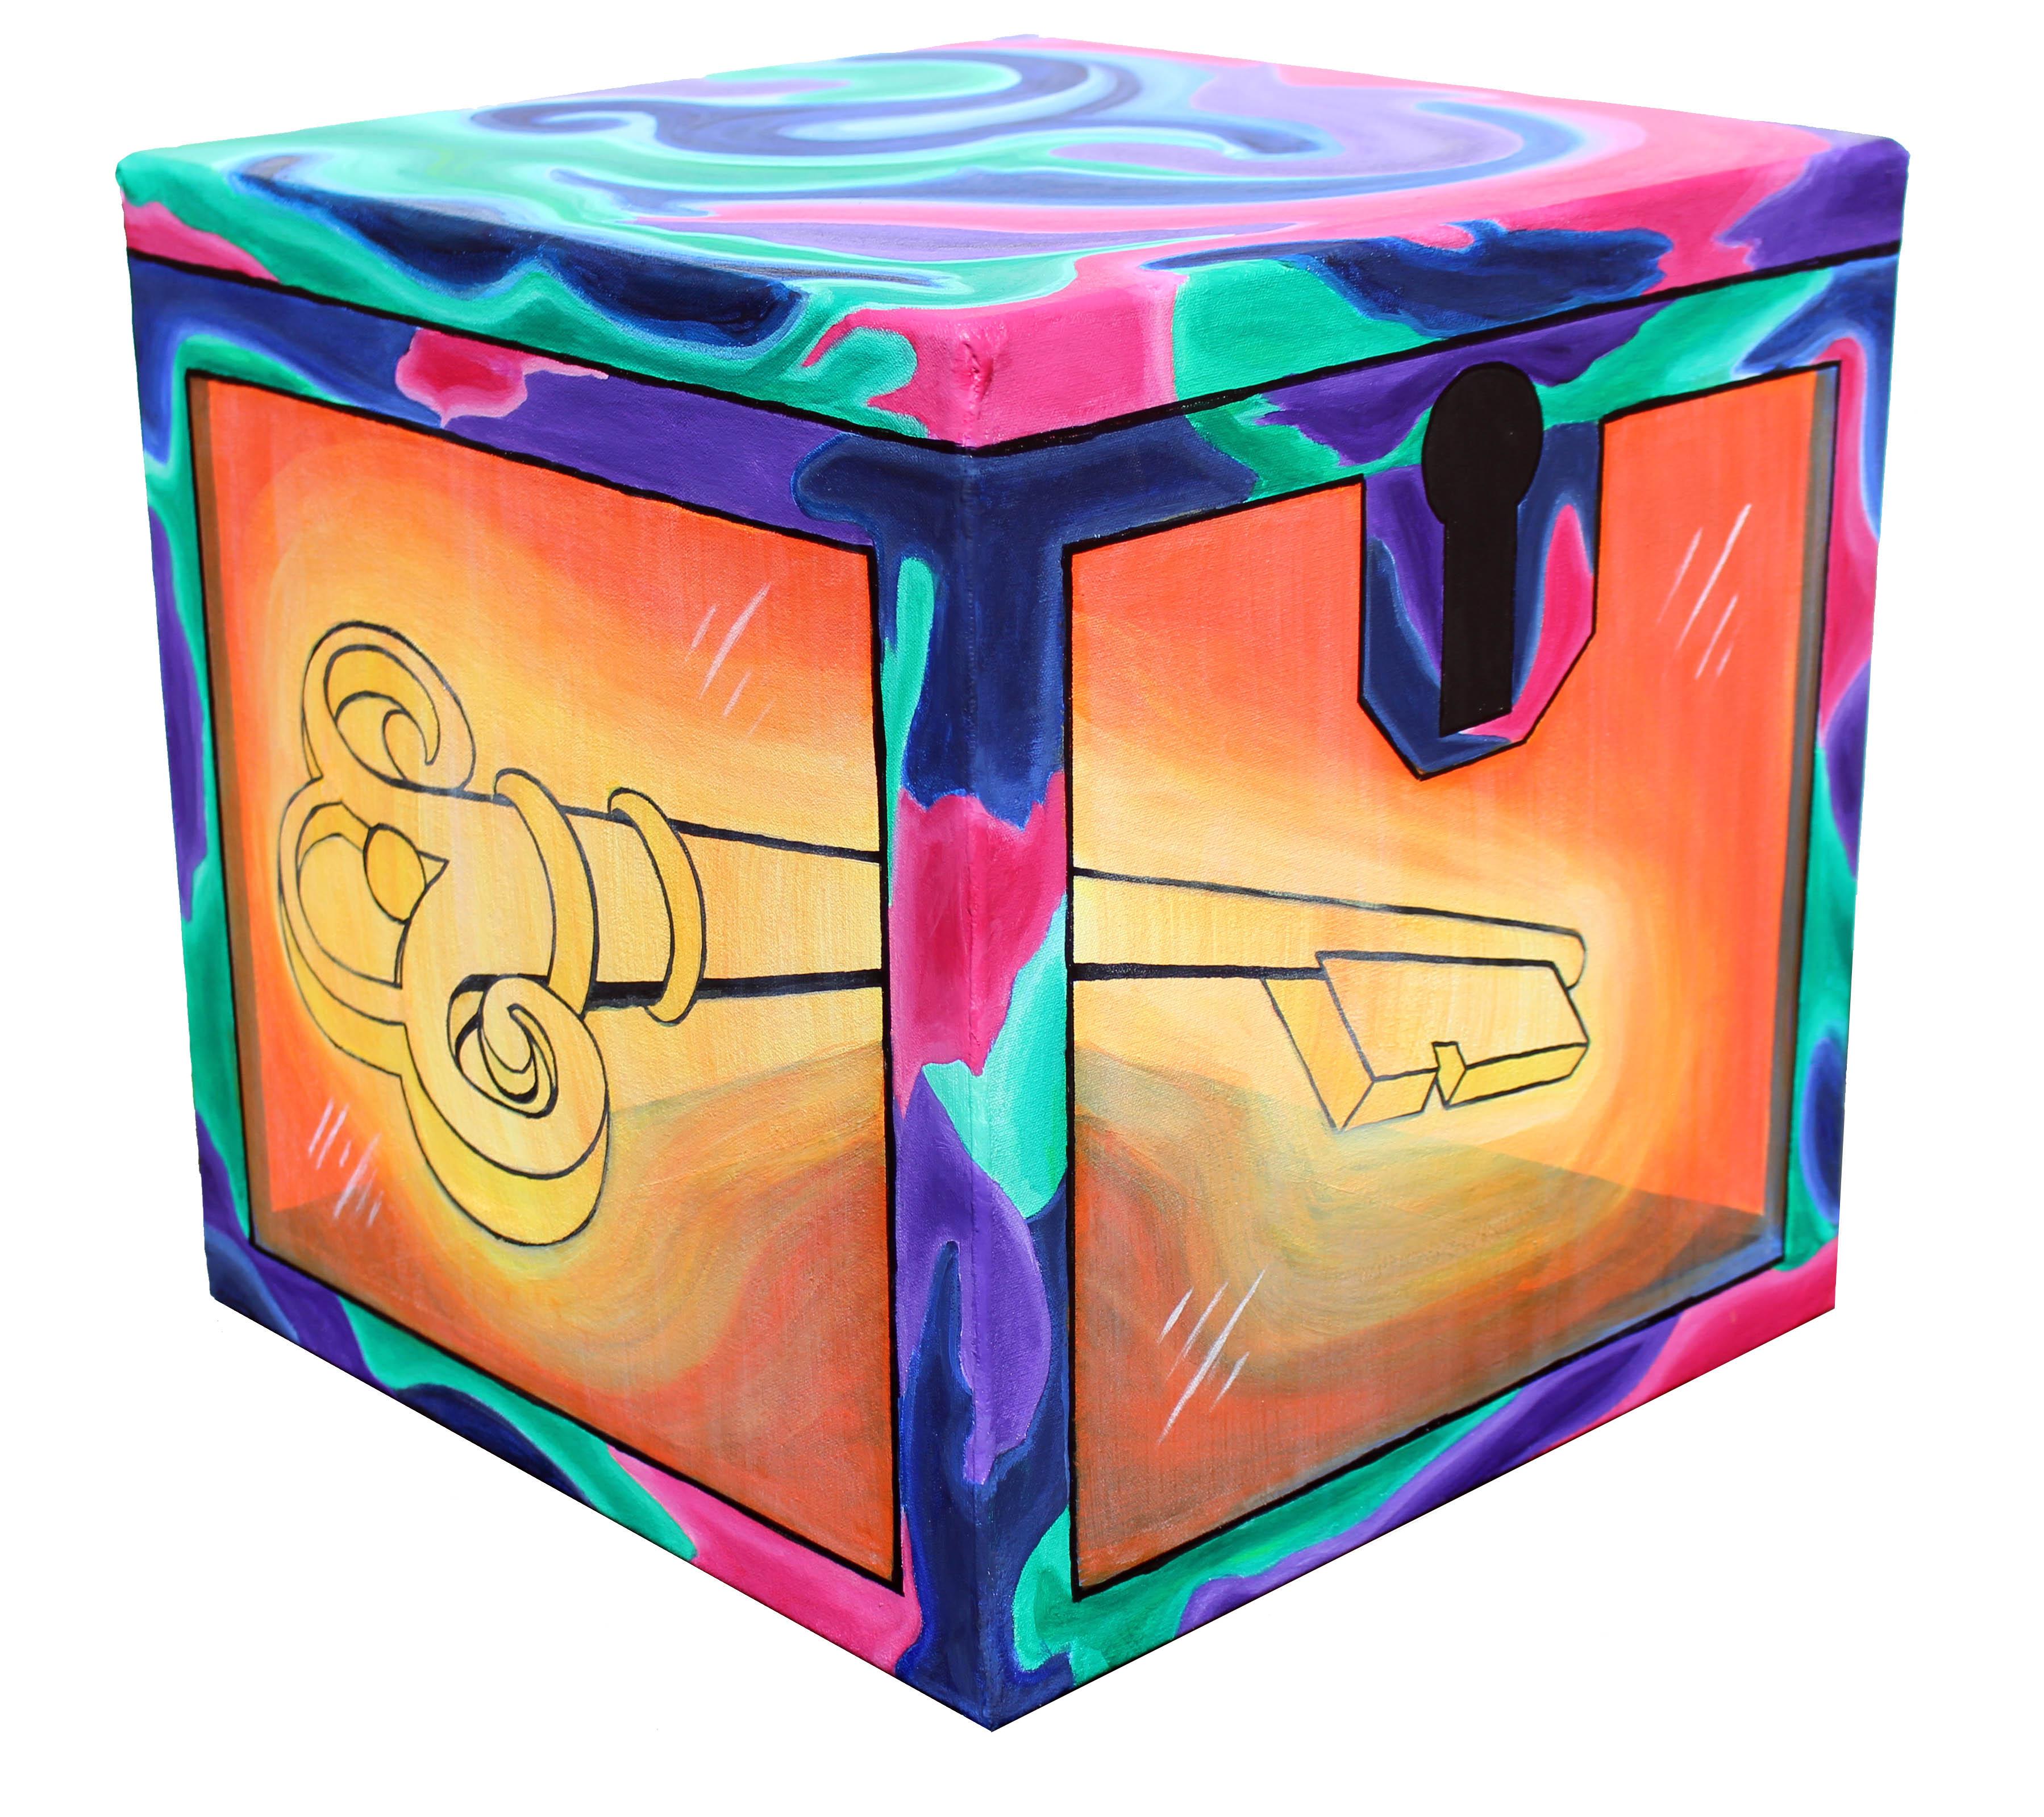 Key In Its Box